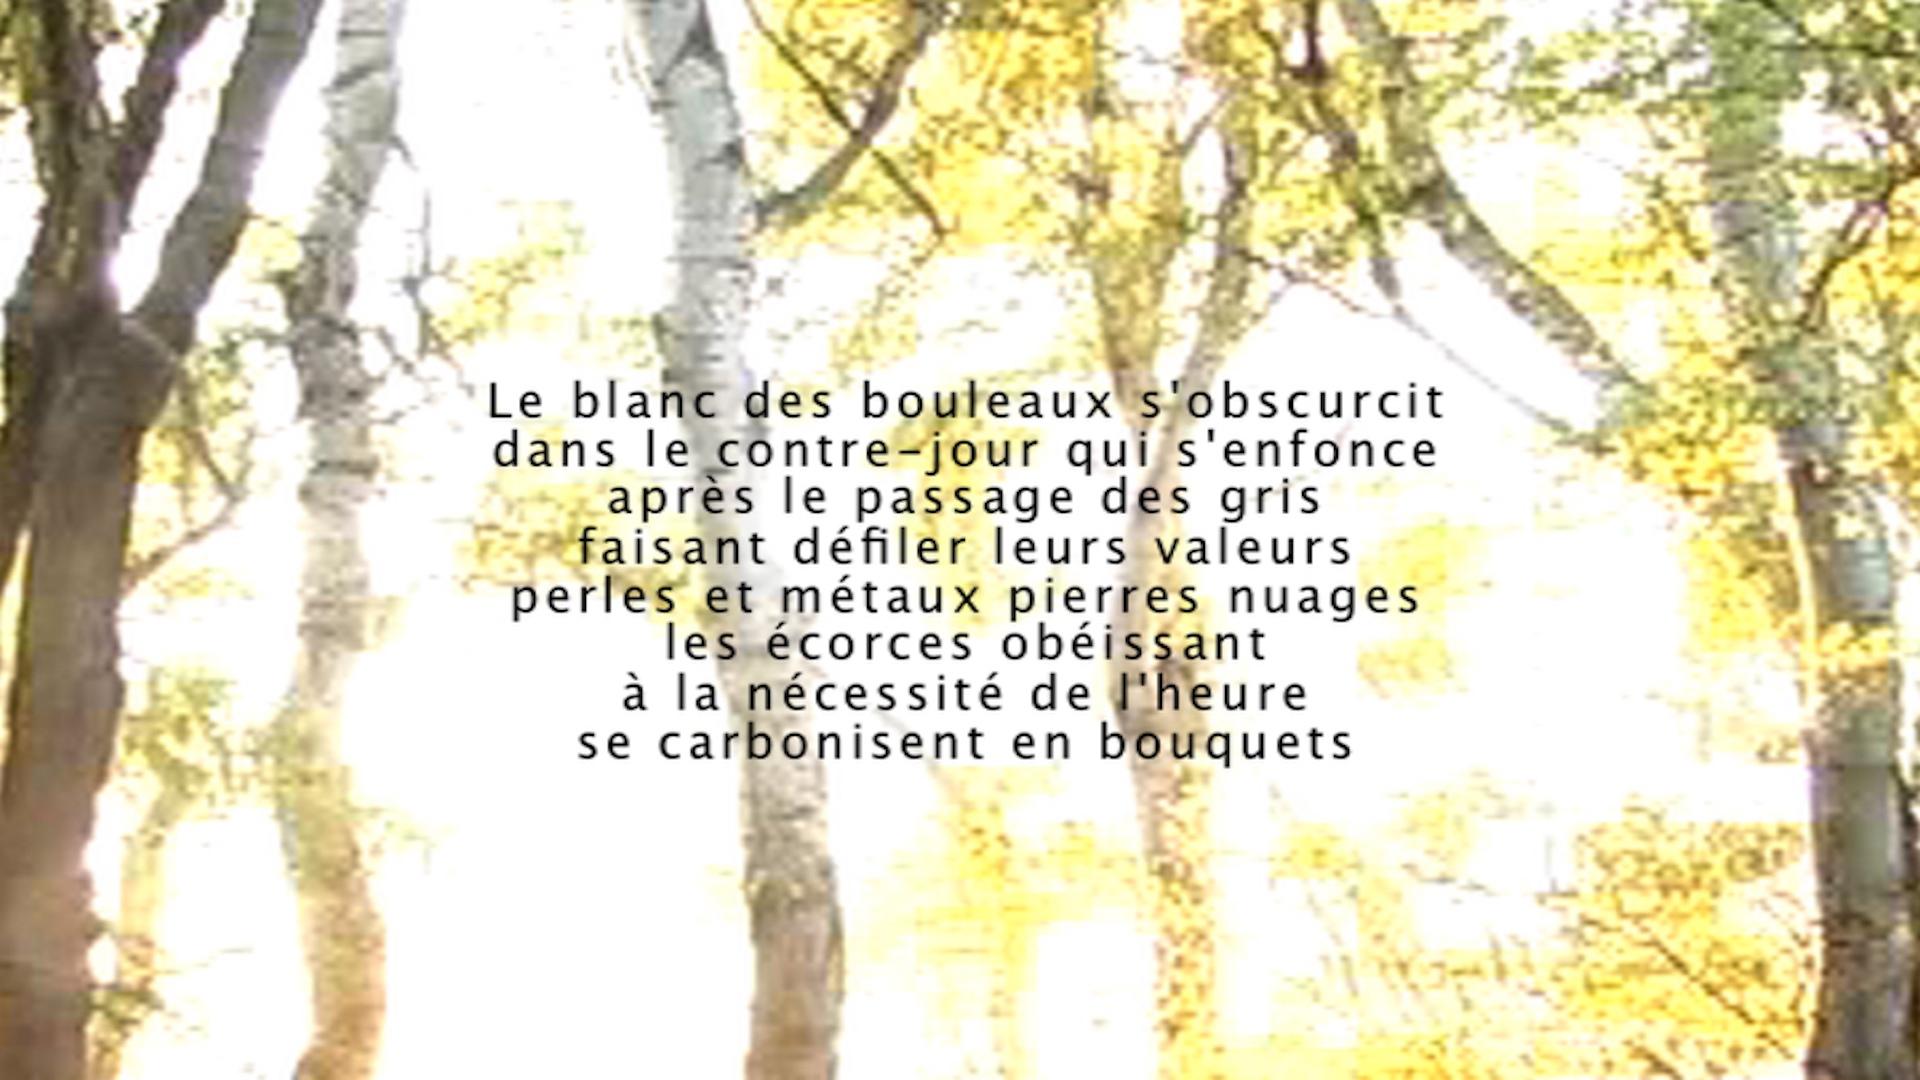 Le Murmure du monde - Contre soir - Blandine Armand - création vidéos